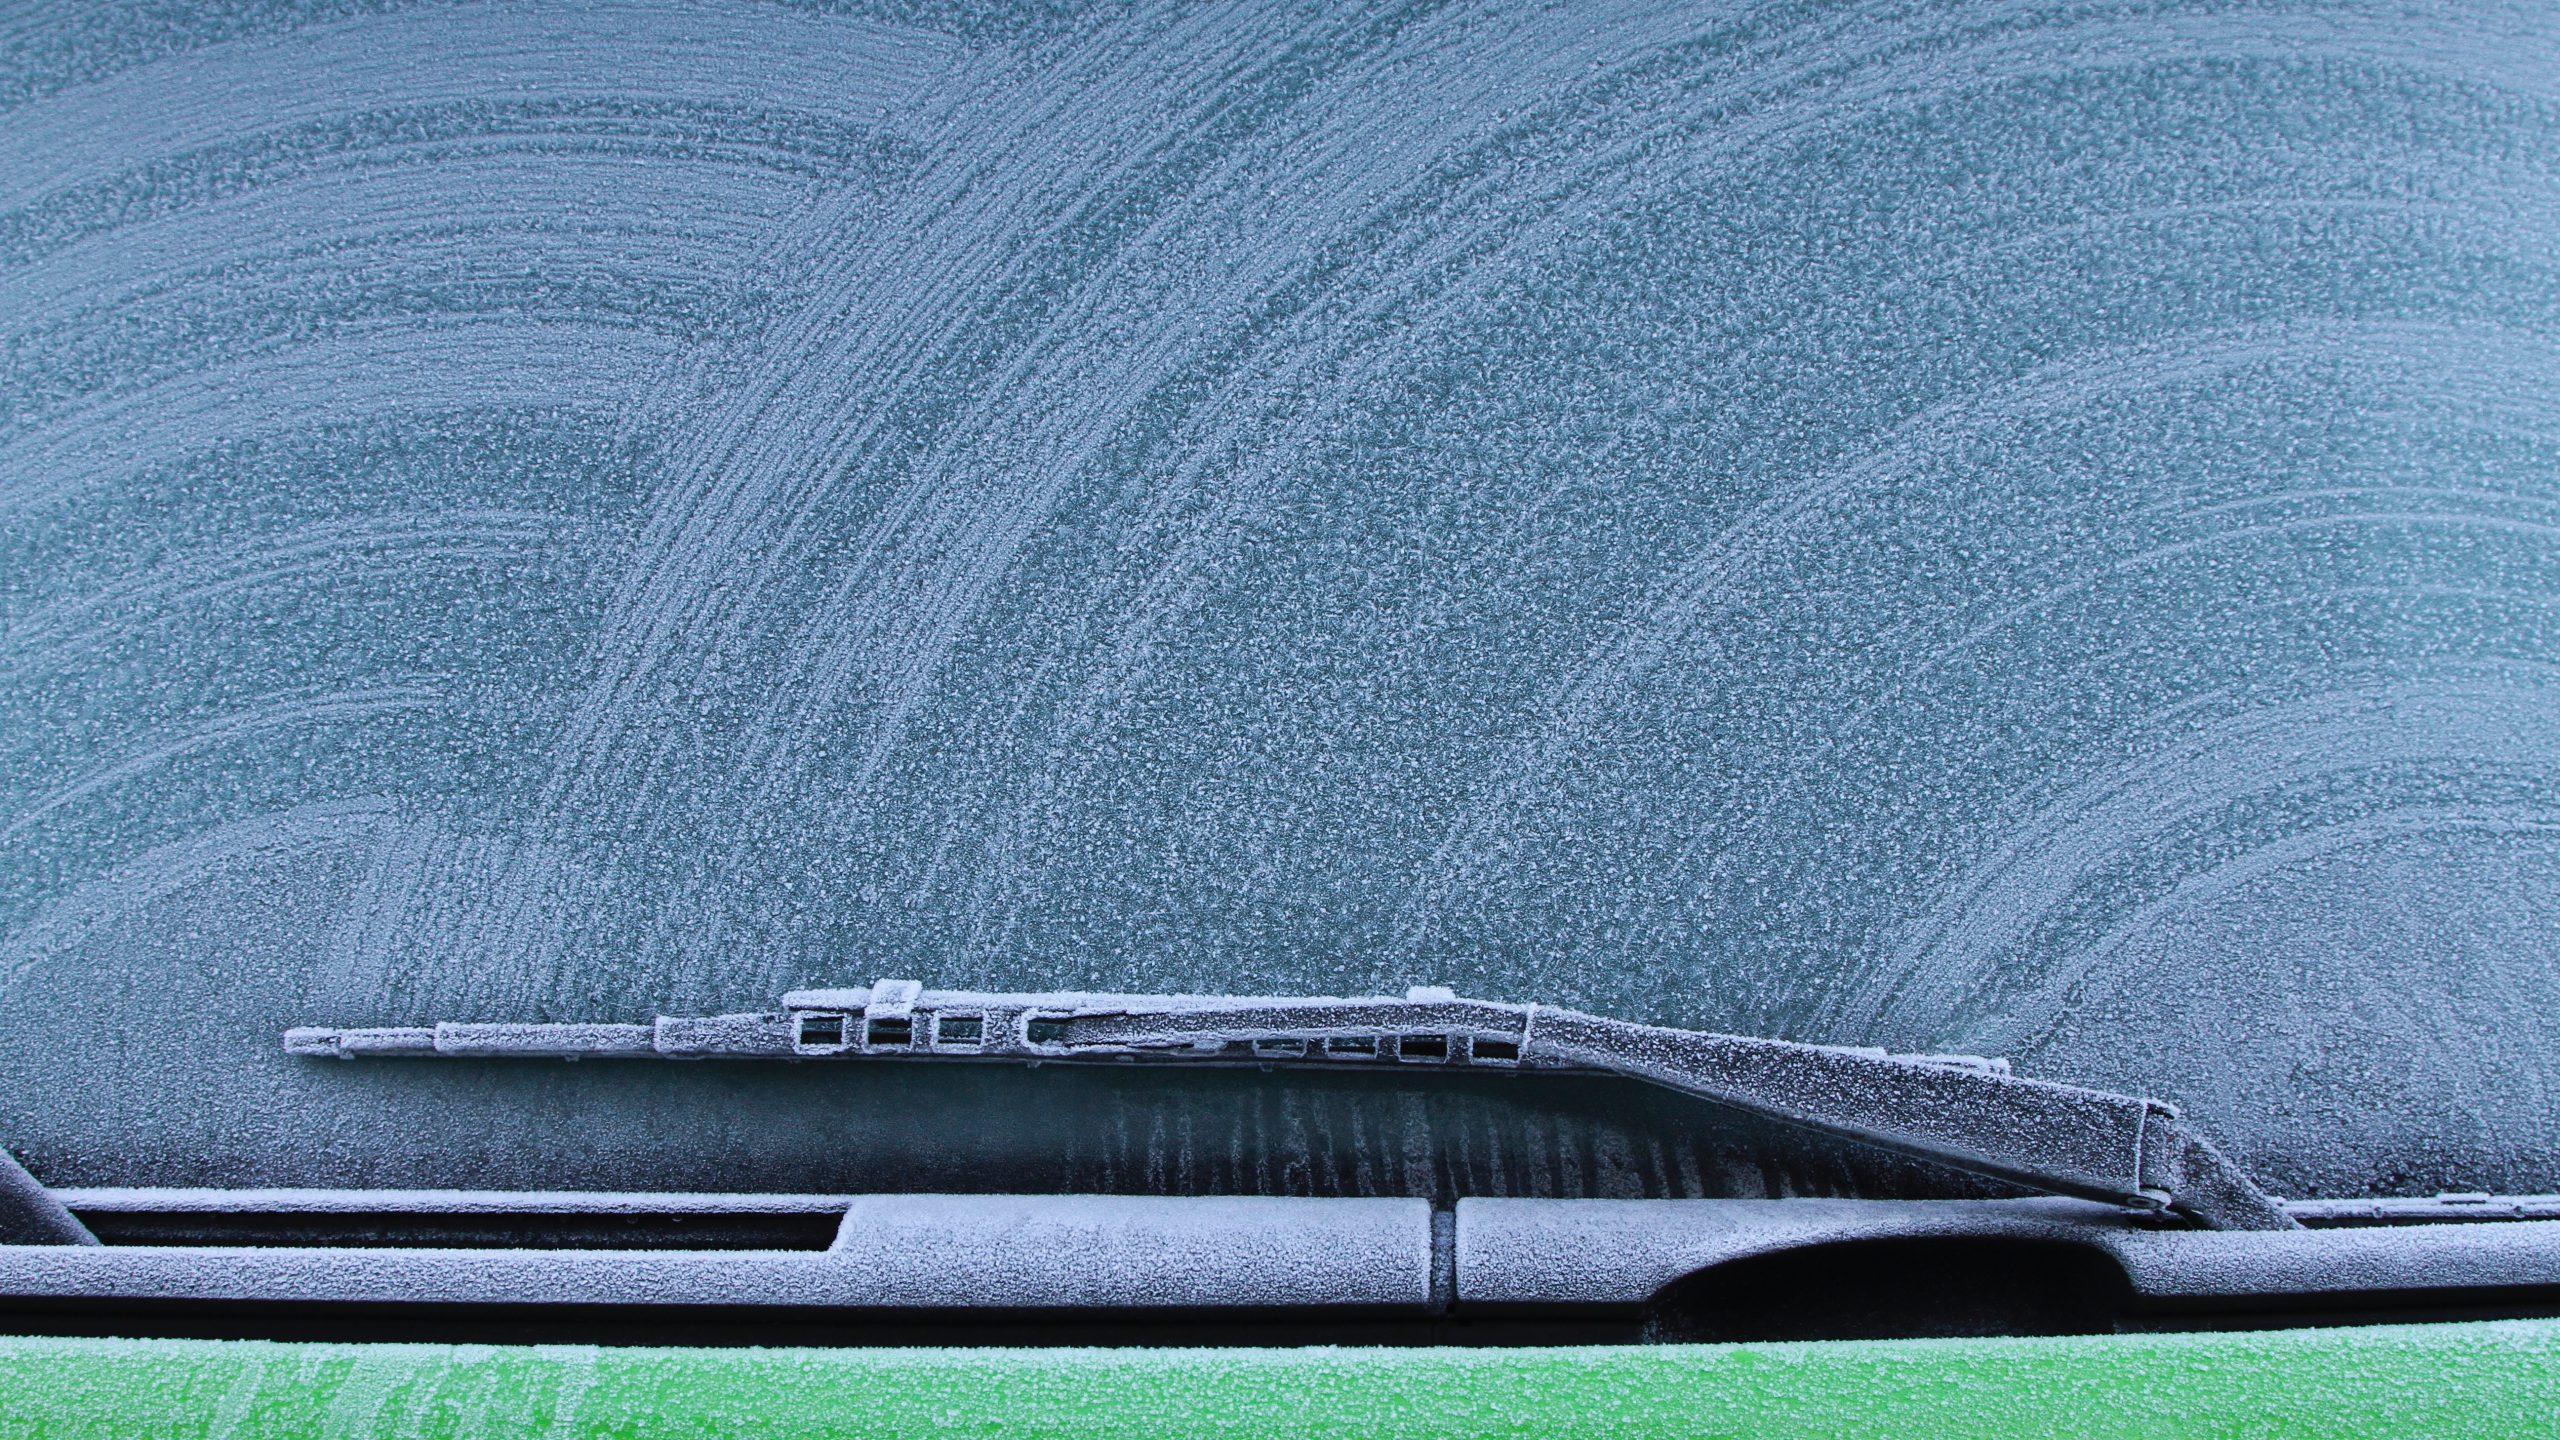 Car Windshield Wallpaper 4k 5k Hd Wallpaper Background